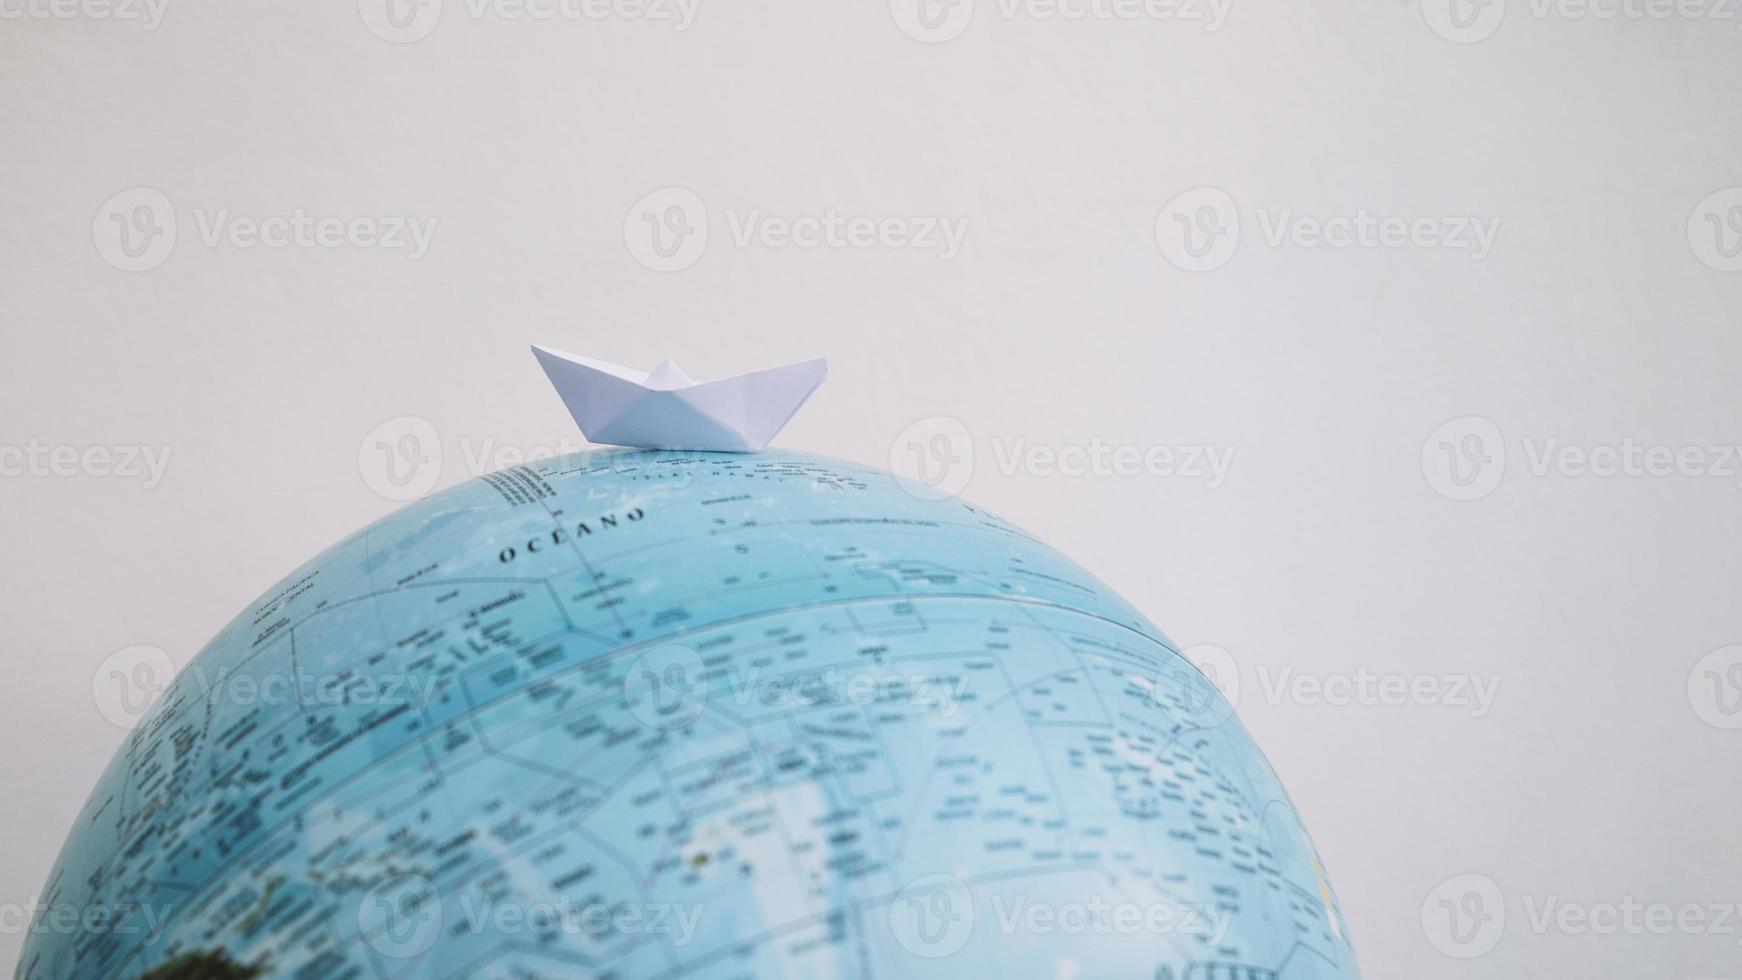 Papierboot auf einem Globus foto